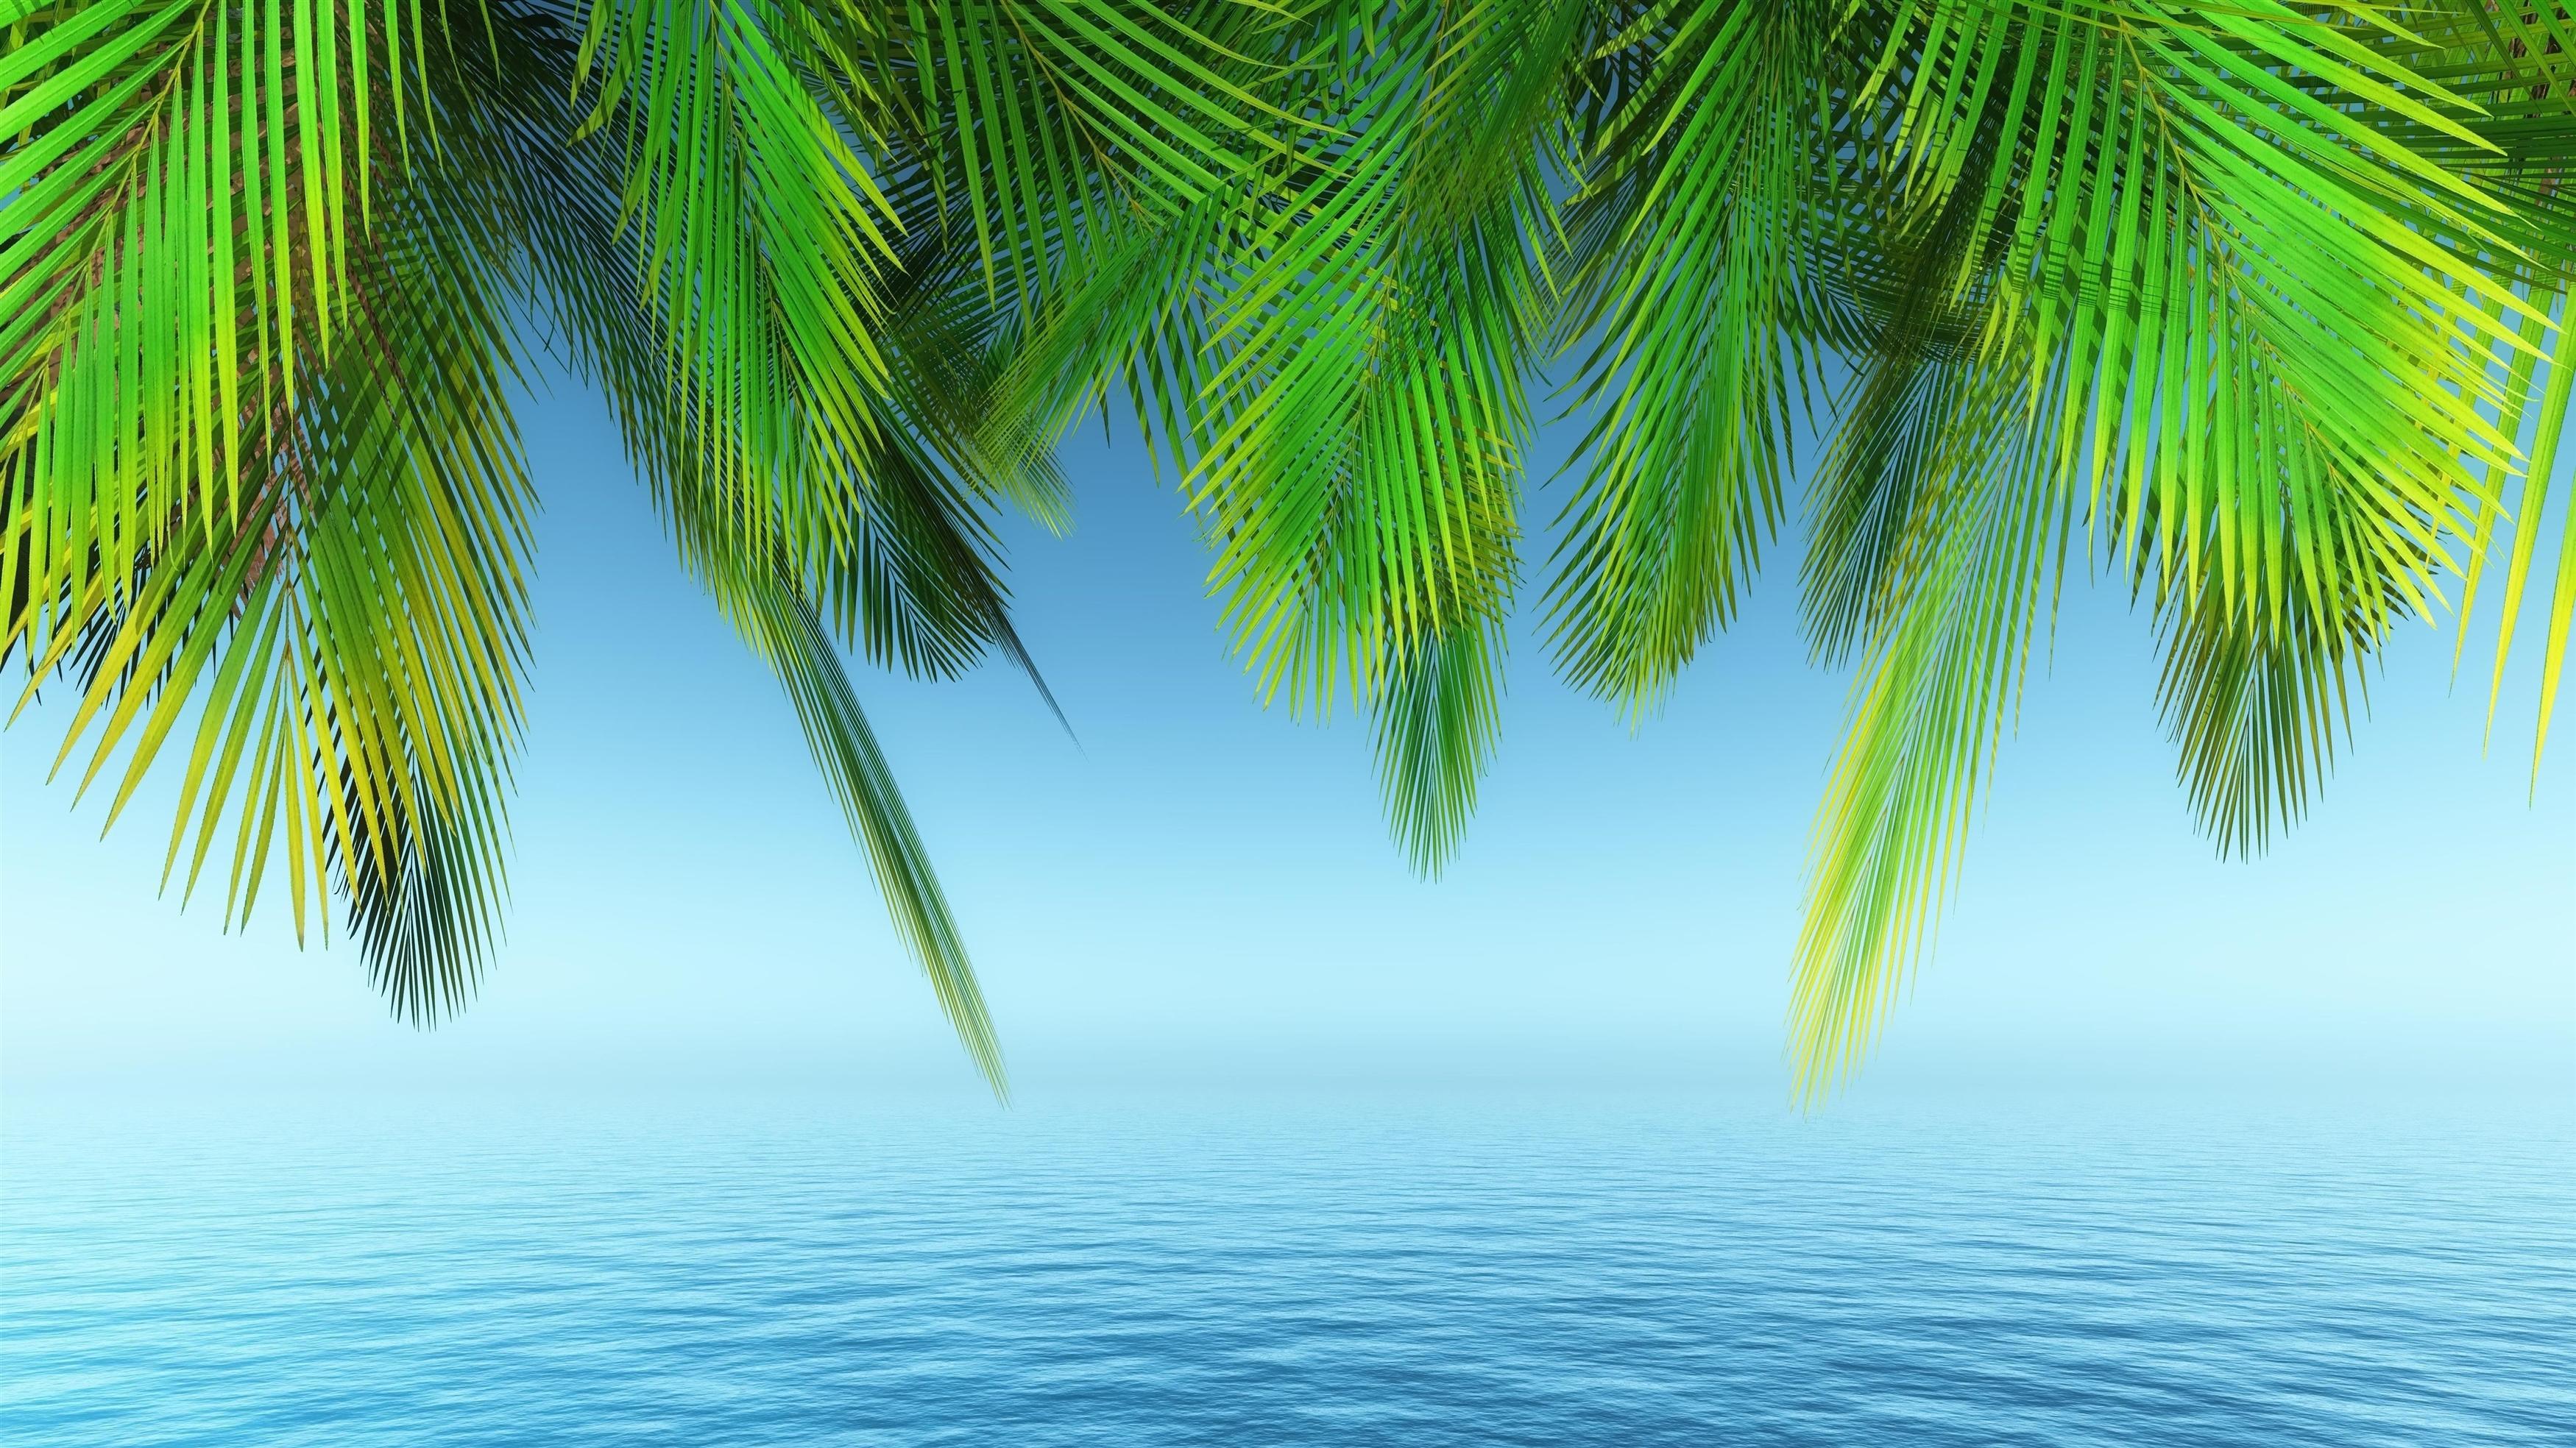 Земля пальма под голубым берегом природа обои скачать